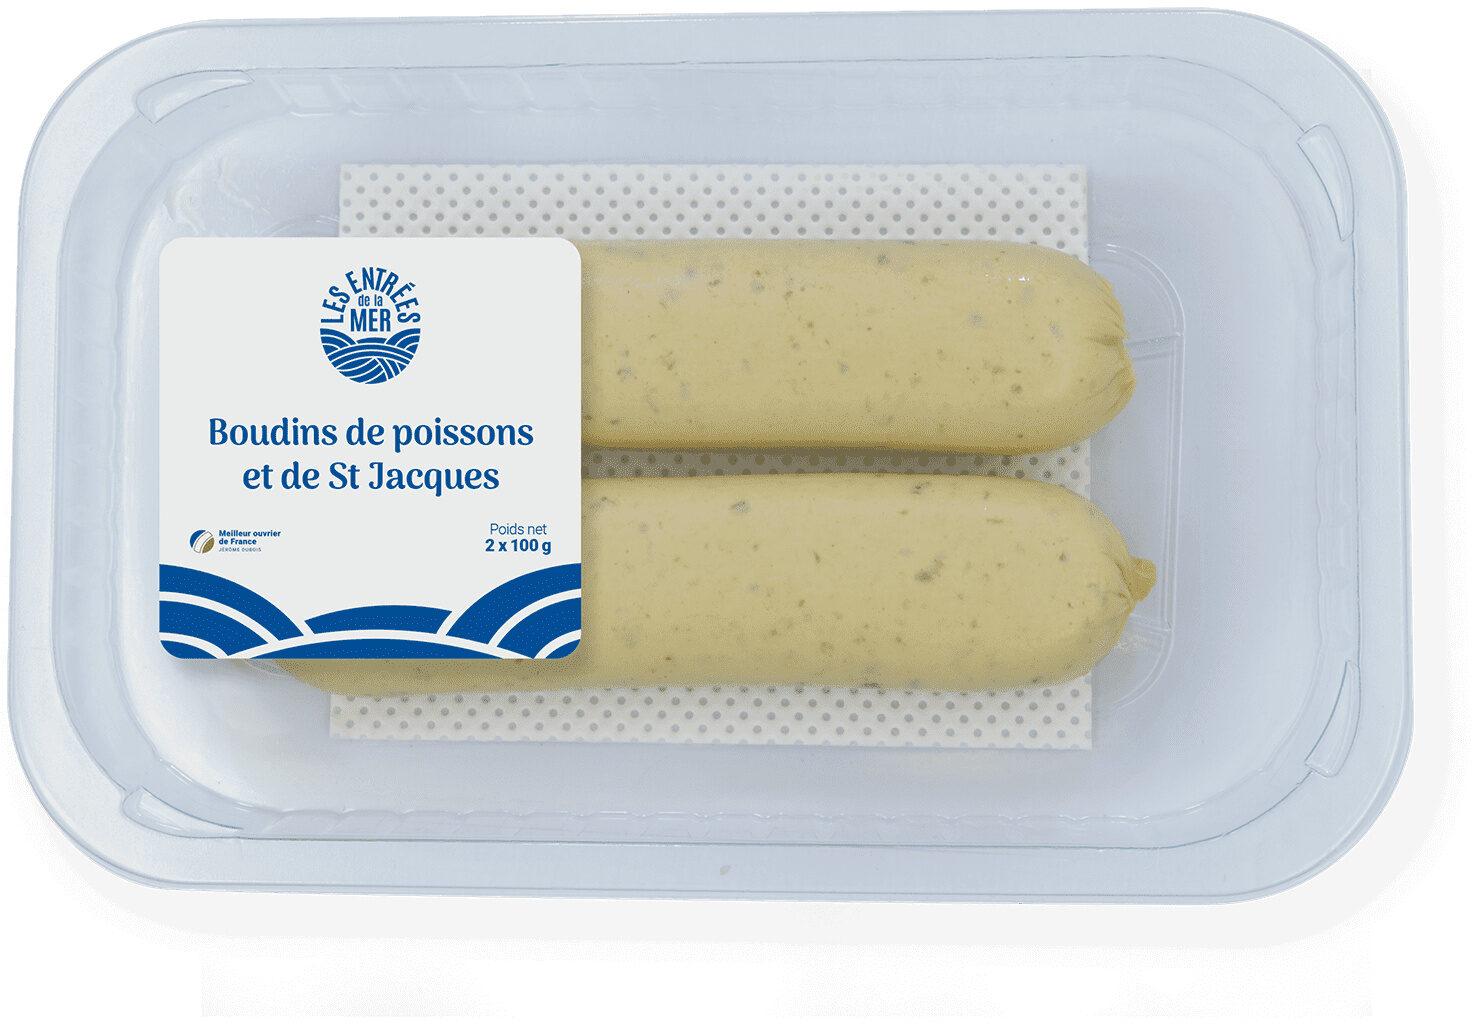 2 boudins de poissons et de saint jacques - Produit - fr